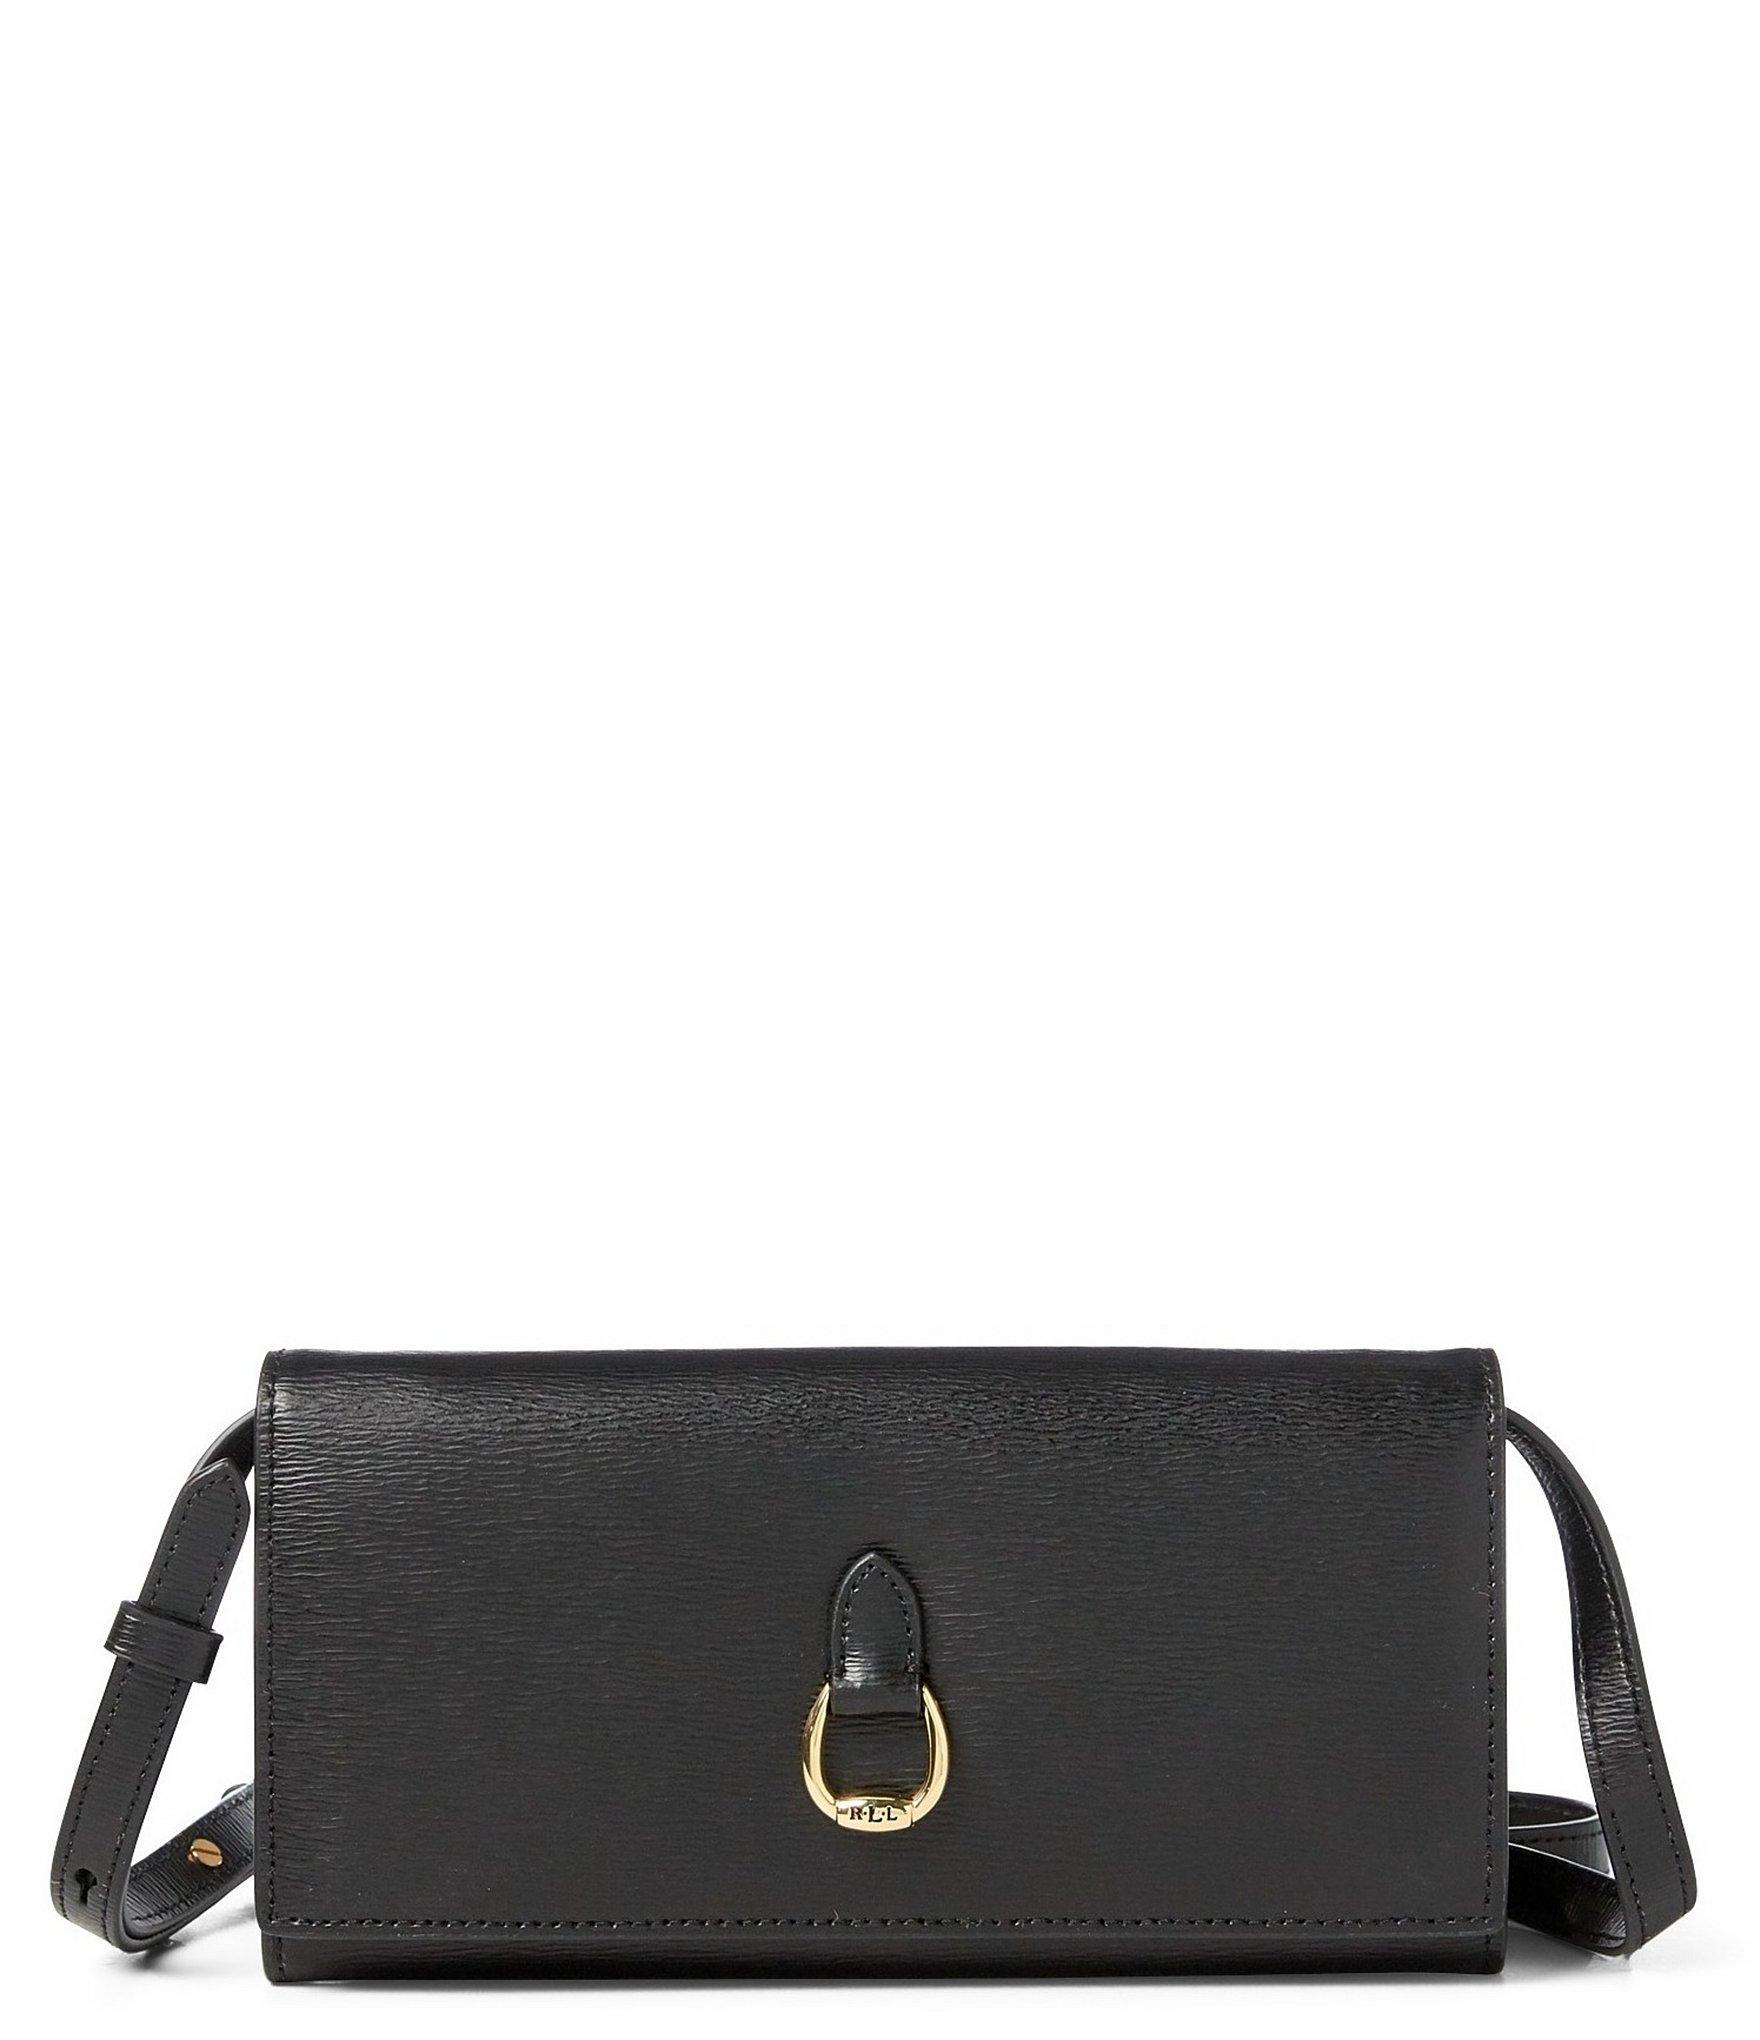 d8b752c79 Lauren by Ralph Lauren Bennington Wallet Cross-body Bag in Black - Lyst